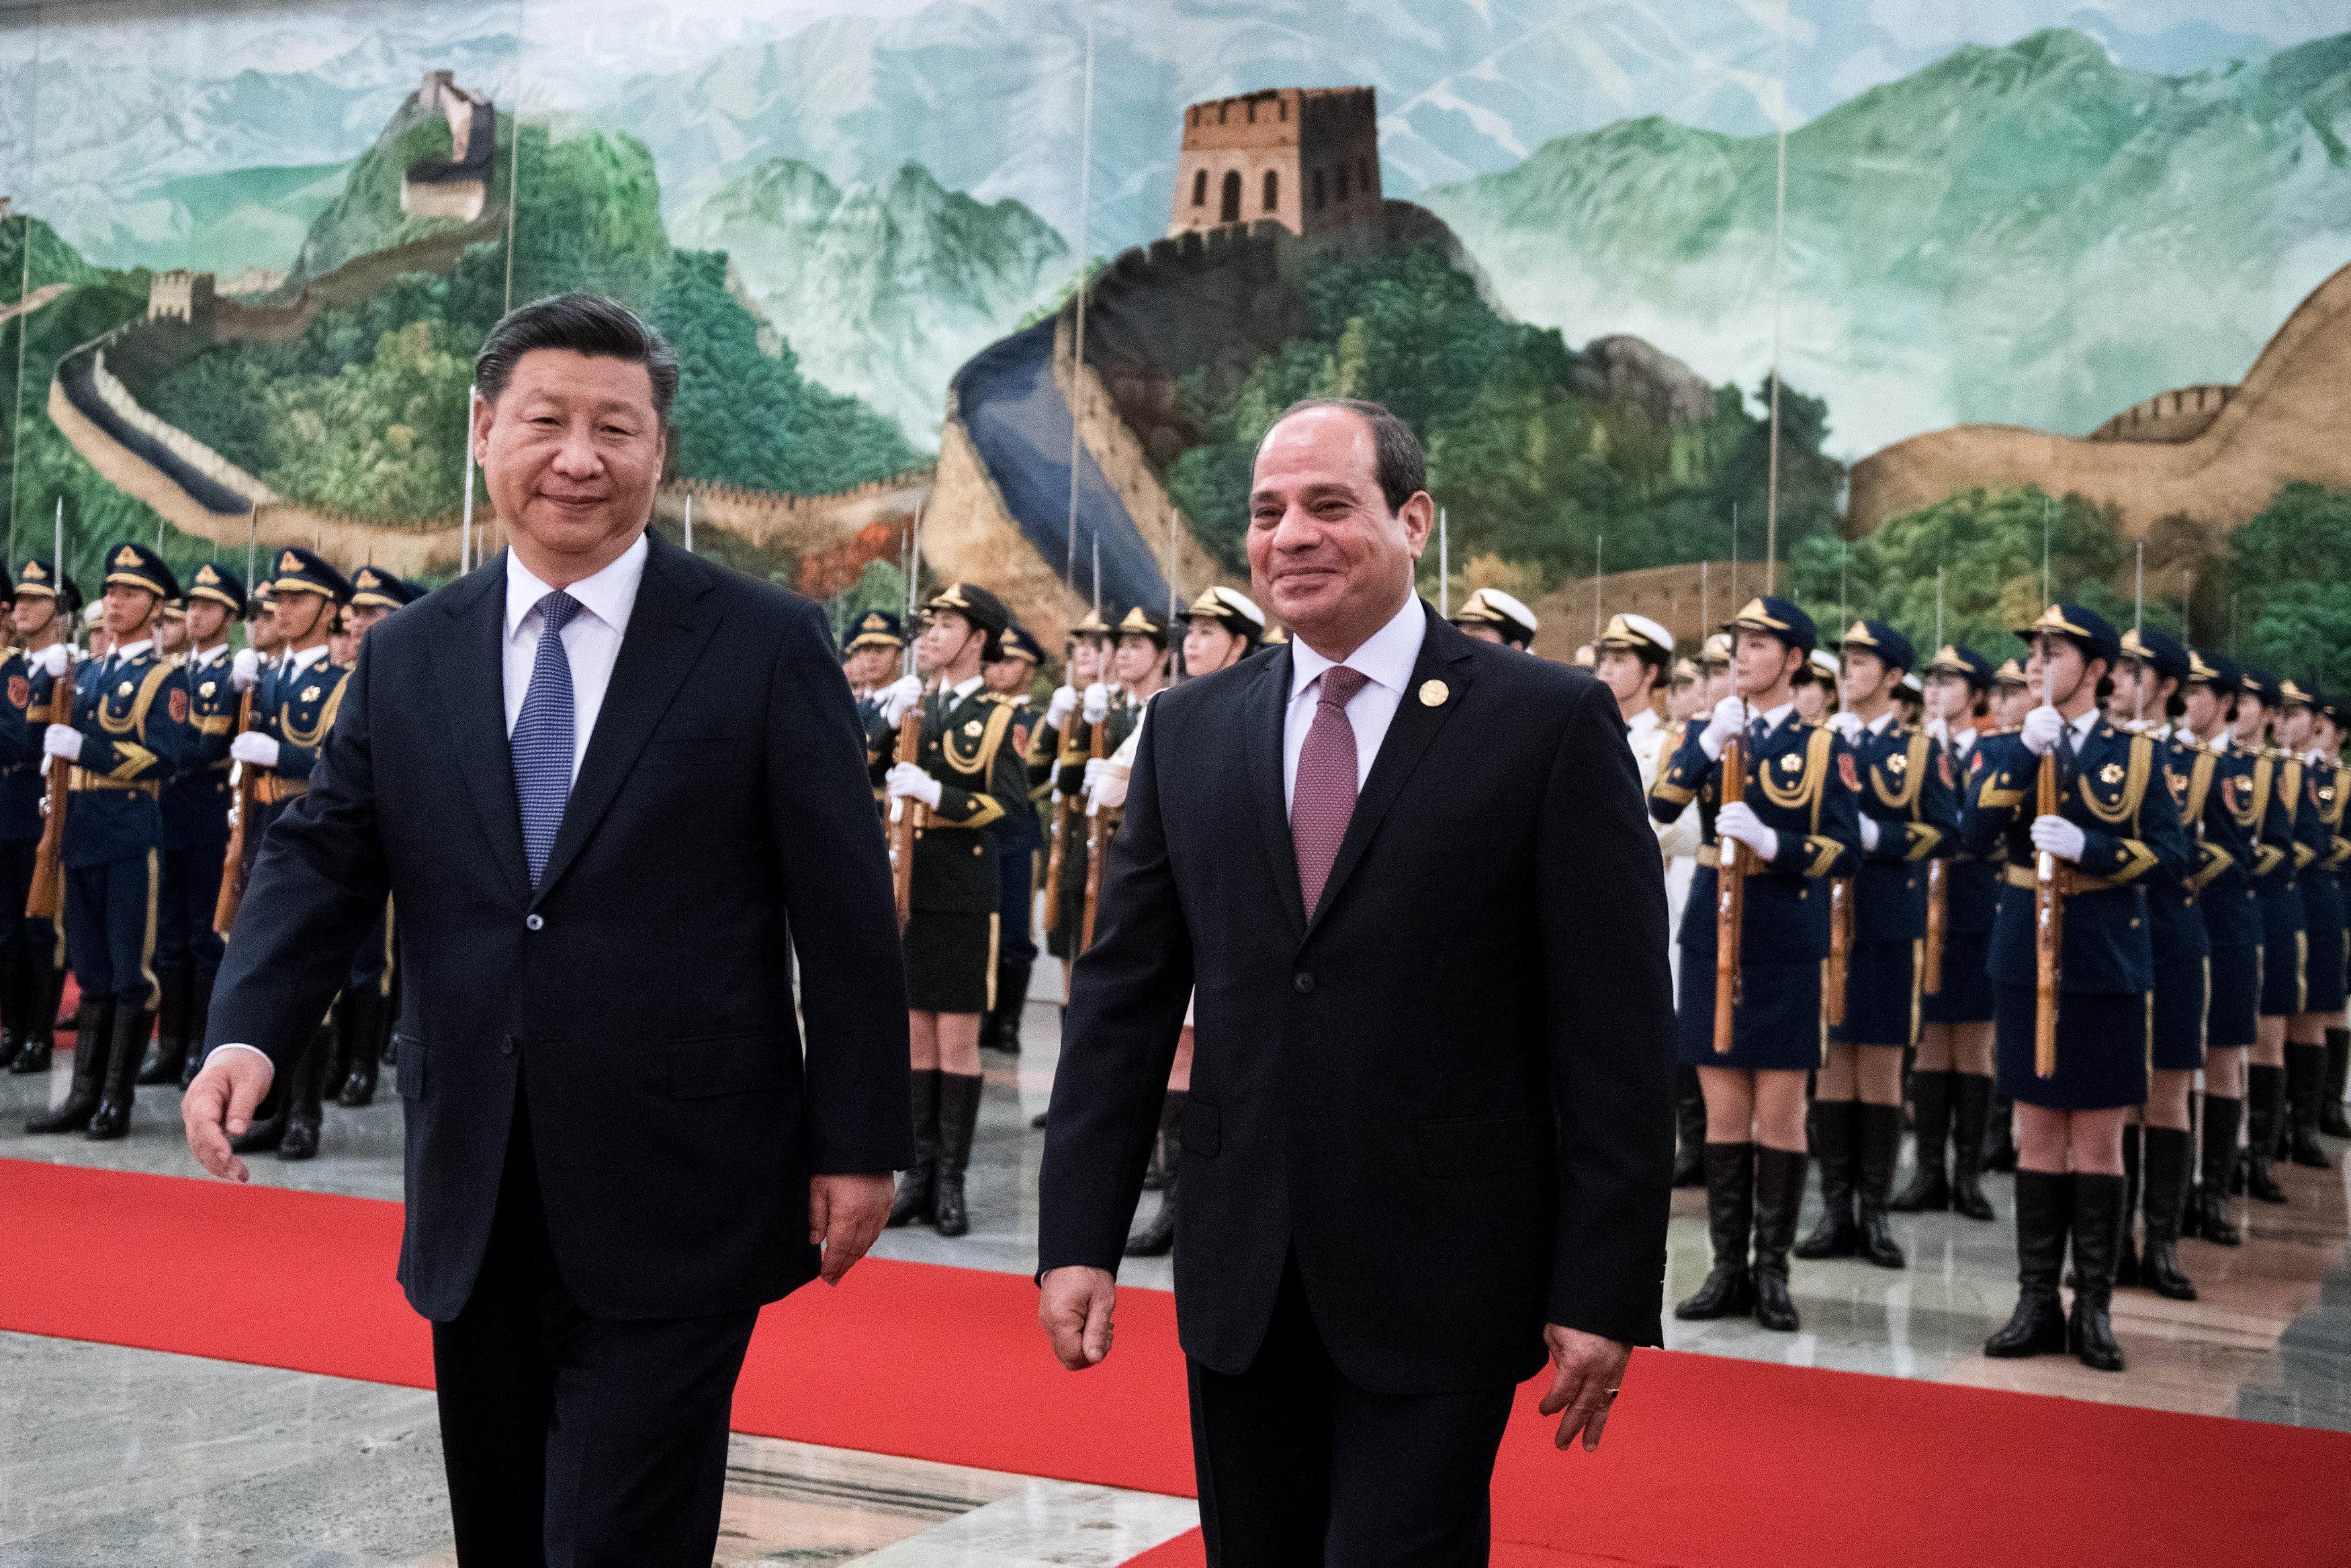 مراسم استقبال رسمية للسيسى فى بكين  (5)